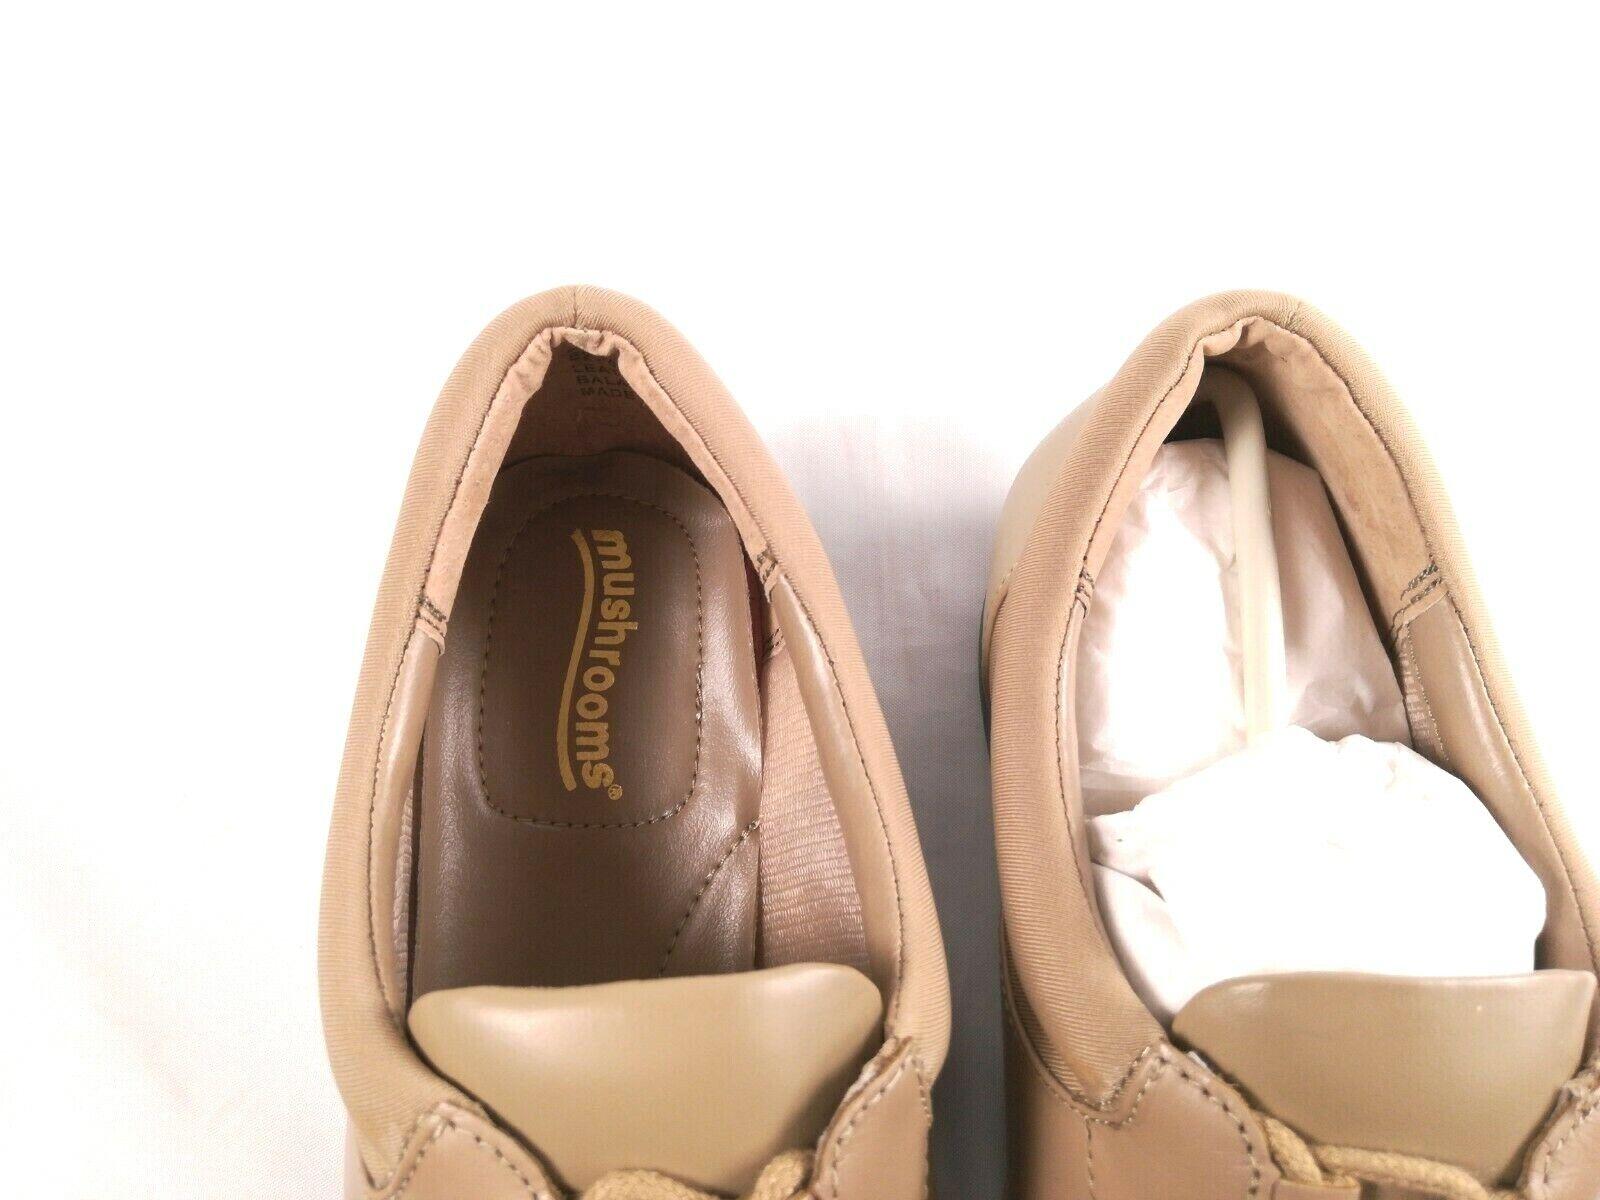 Vintage Mushrooms Women's Size 8M Brown Comfort Comfort Comfort 84890 ffa790